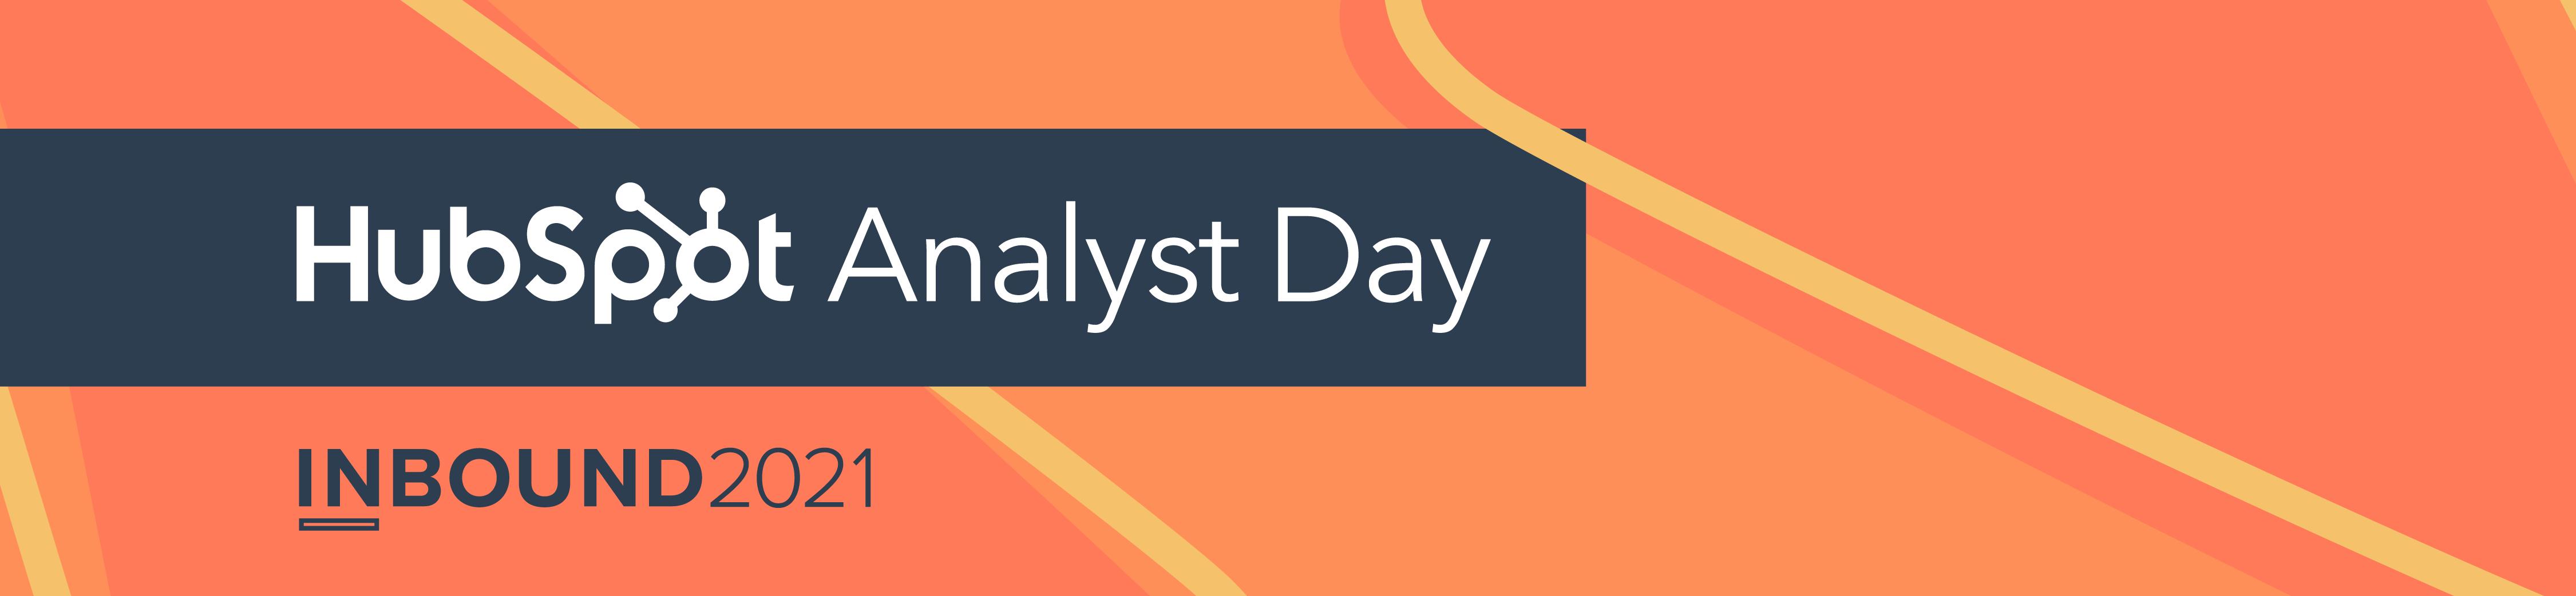 Analyst Day_2021_Landing_header_1